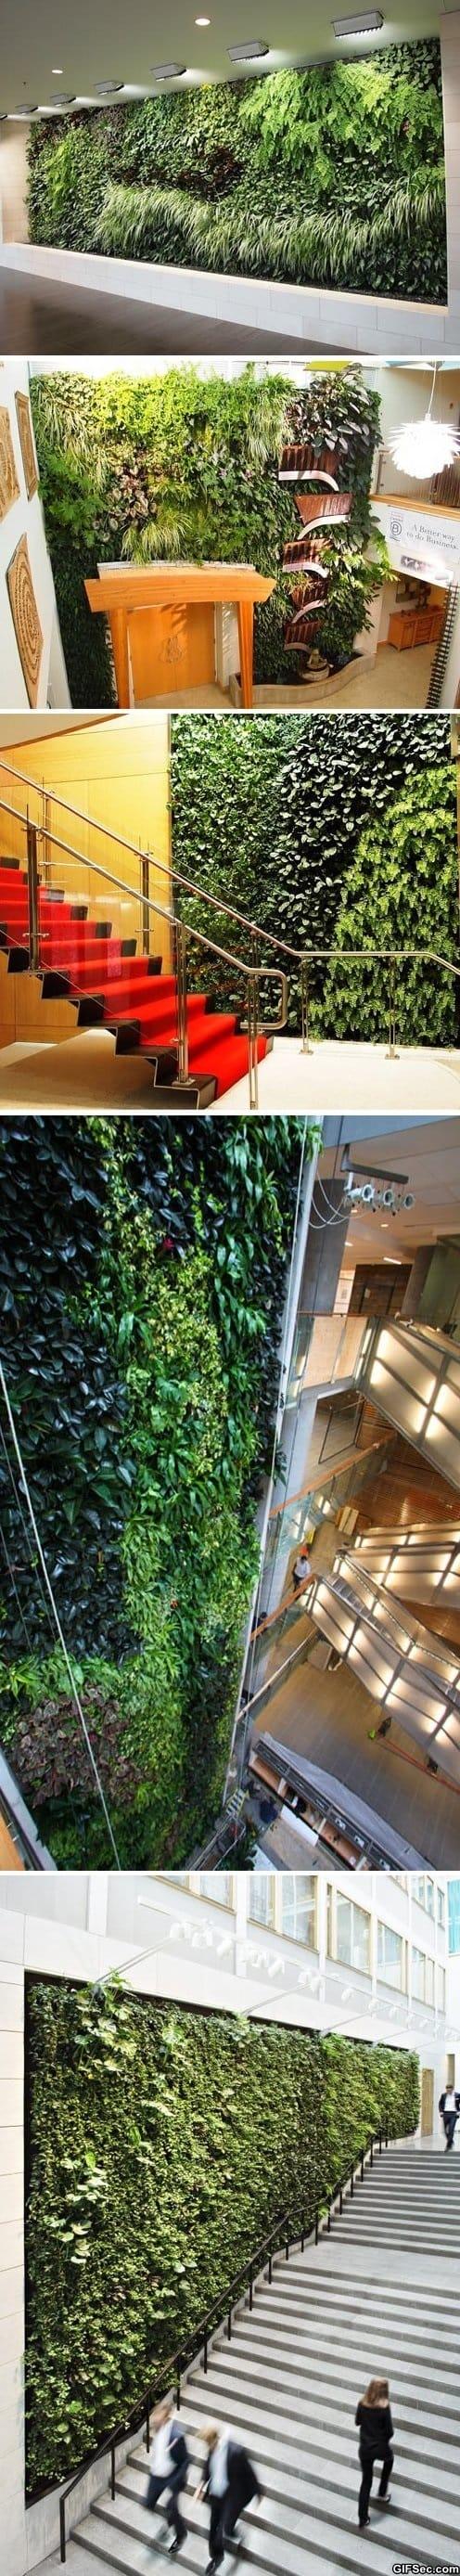 funny-living-walls-art